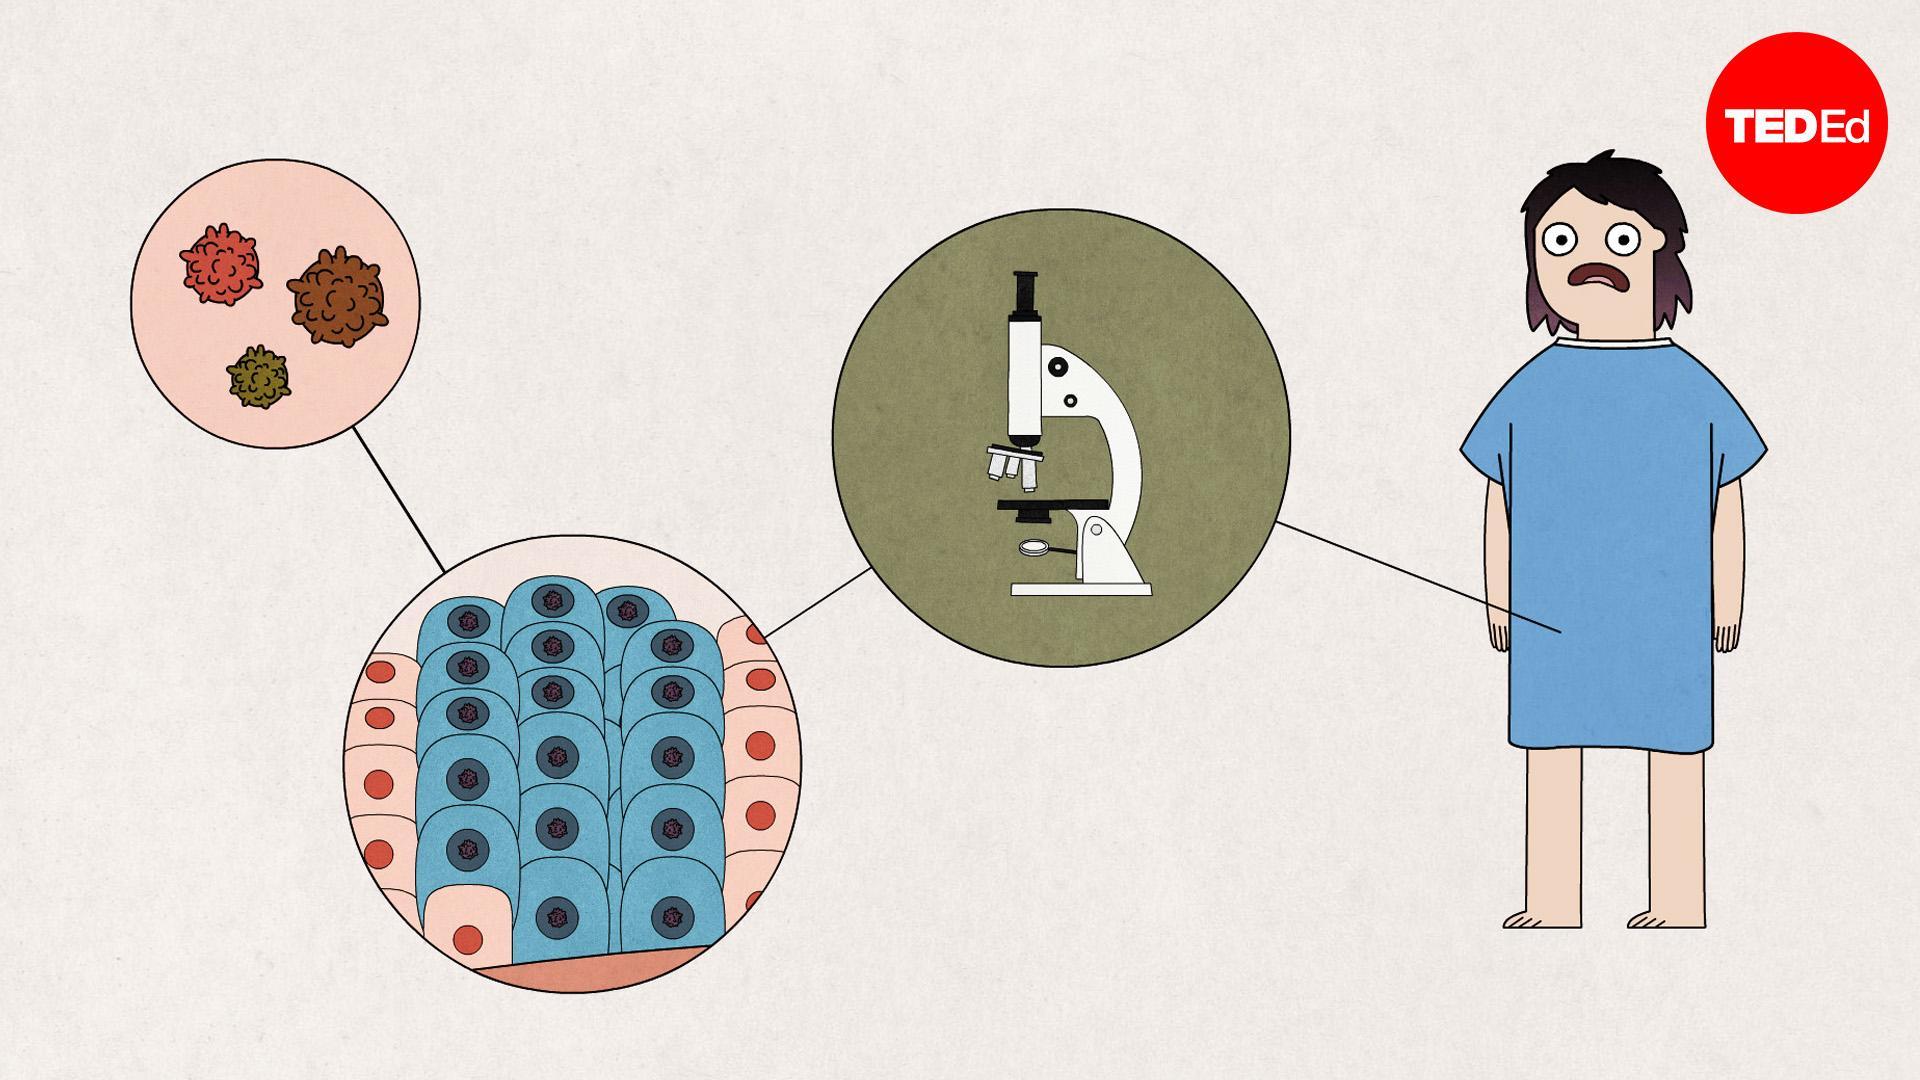 il papilloma virus rimane a vita hpv impfung kosten niederosterreich